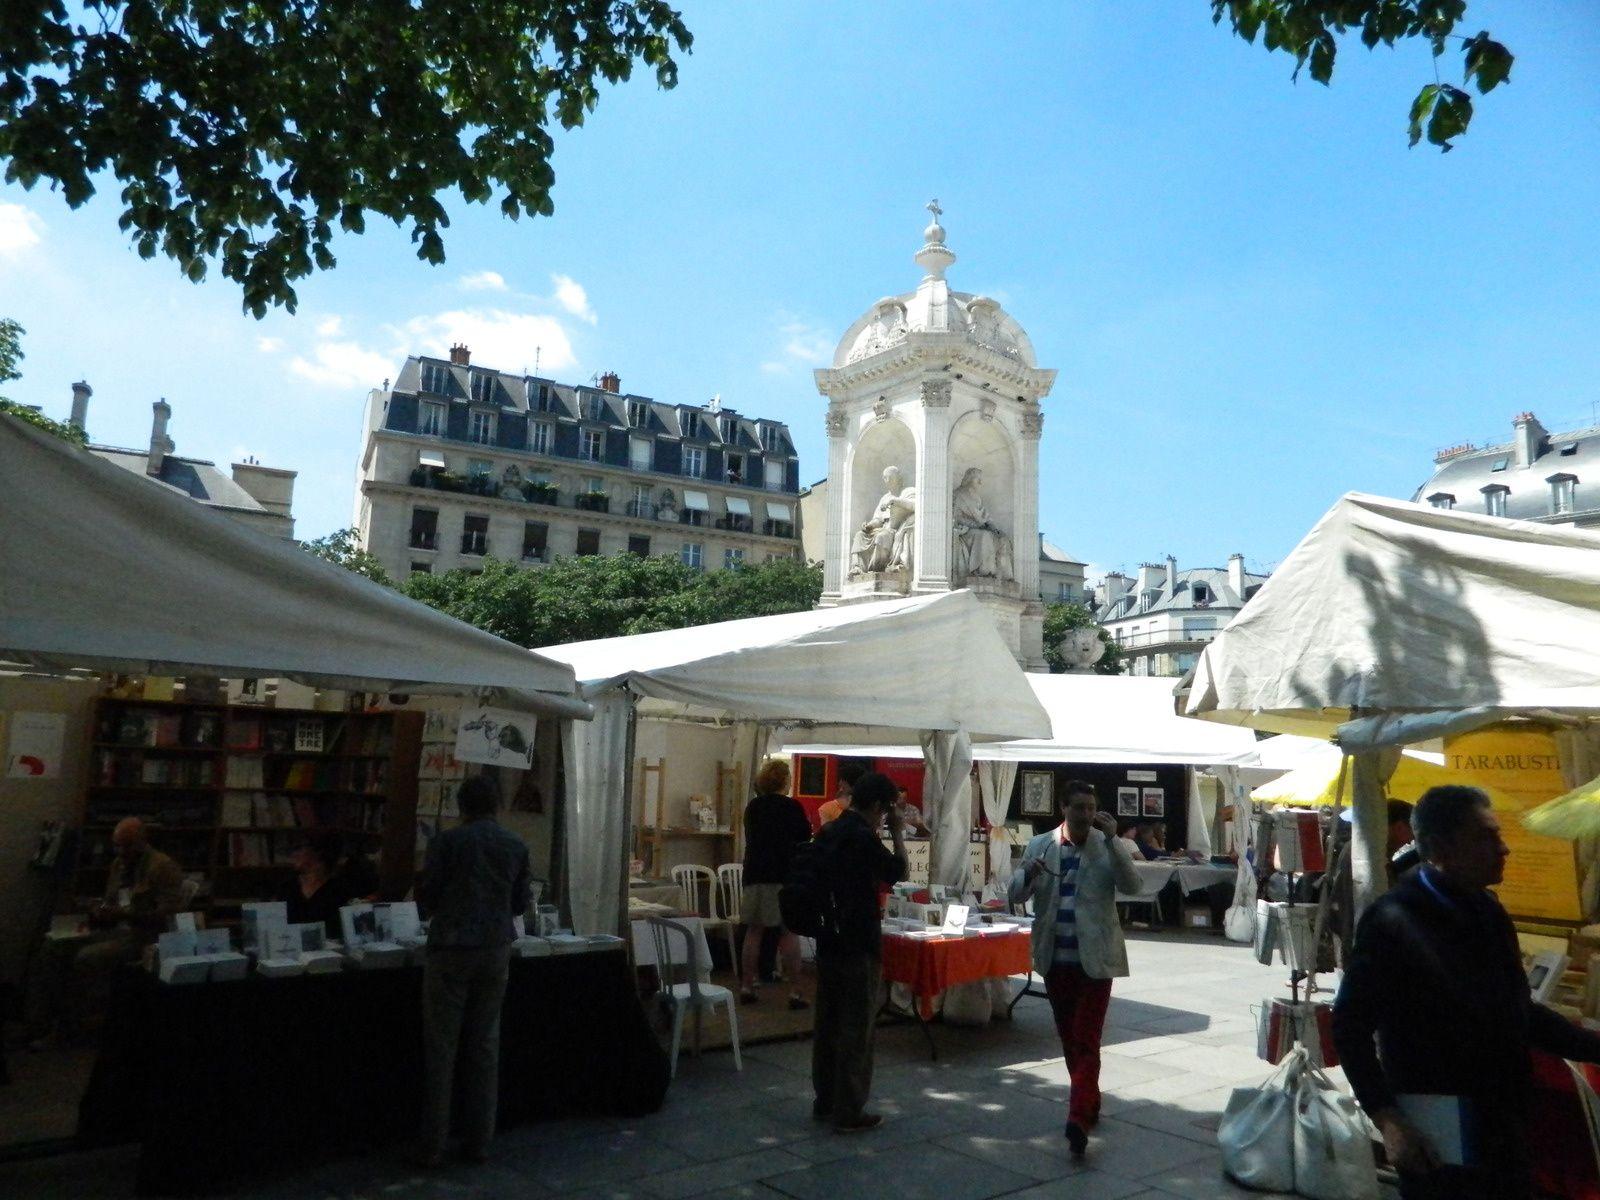 le Marché place Saint Sulpice, le matin du samedi